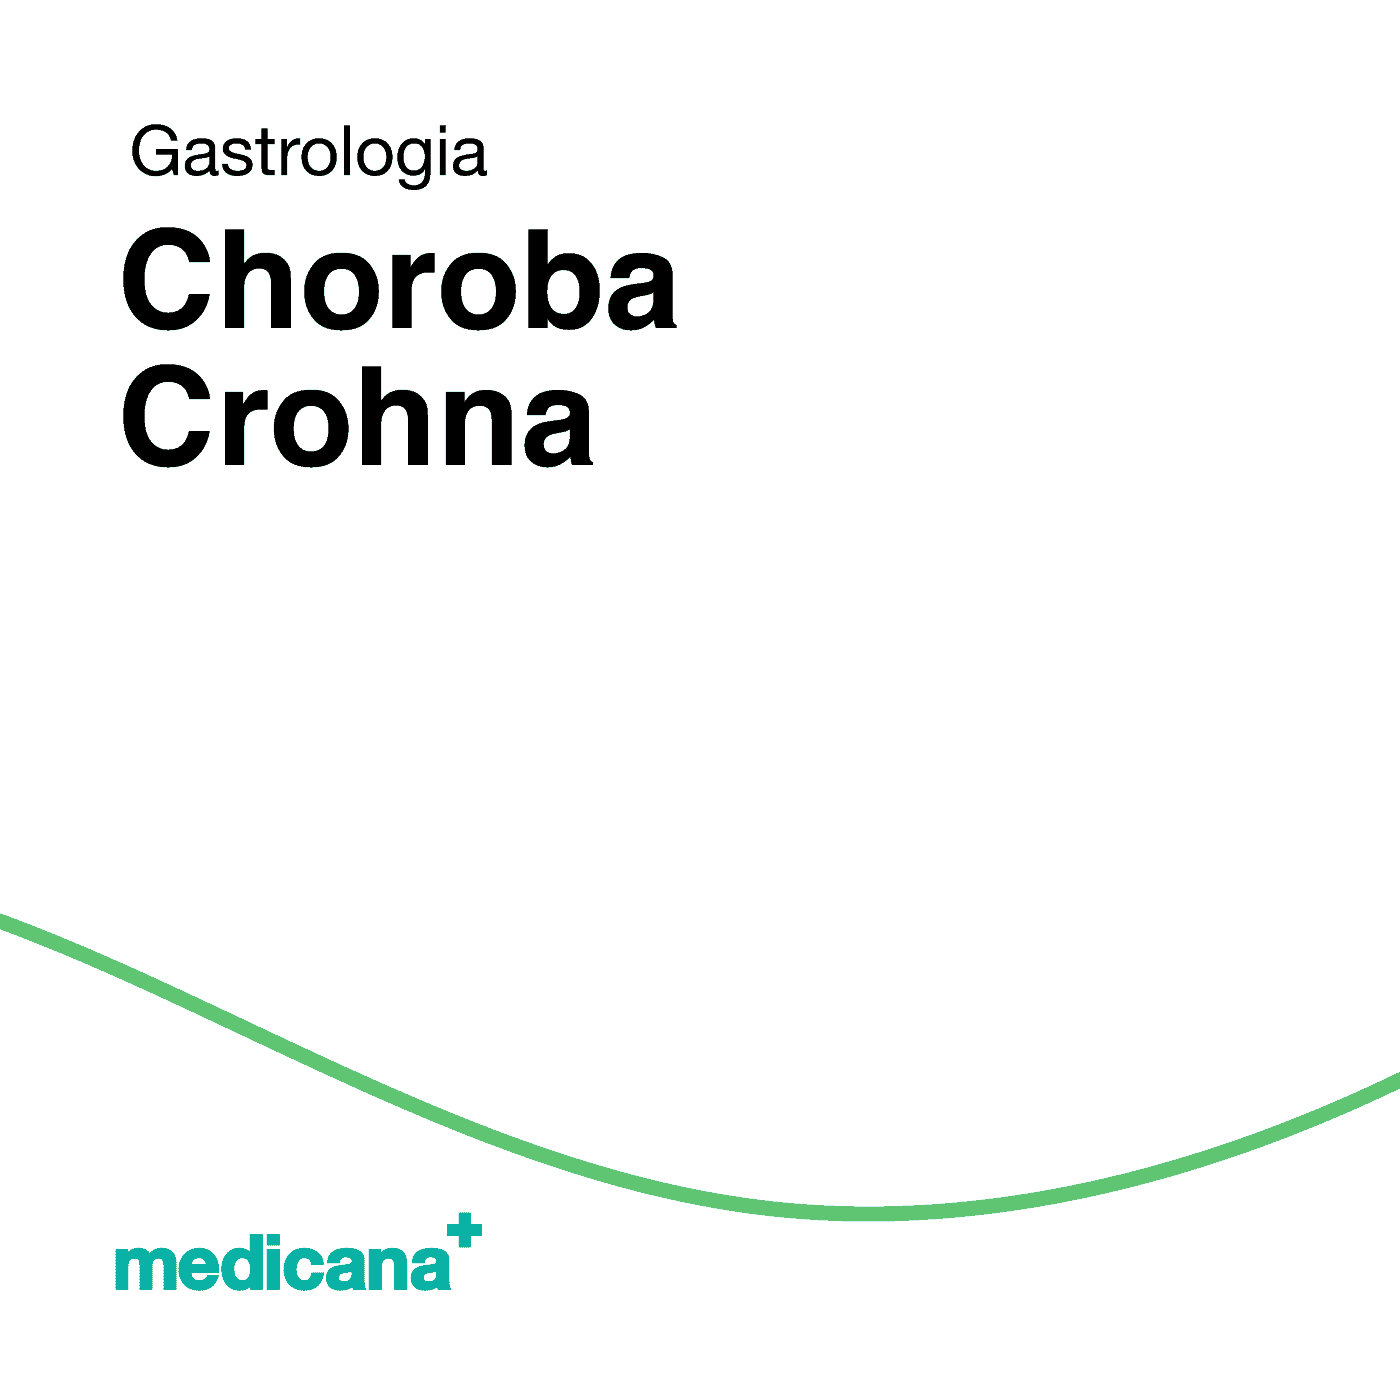 Grafika, białe tło z zieloną kreską, czarnym napisem Gastrologia - Choroba Crohna oraz zielonym logo Medicana w lewym dolnym rogu.